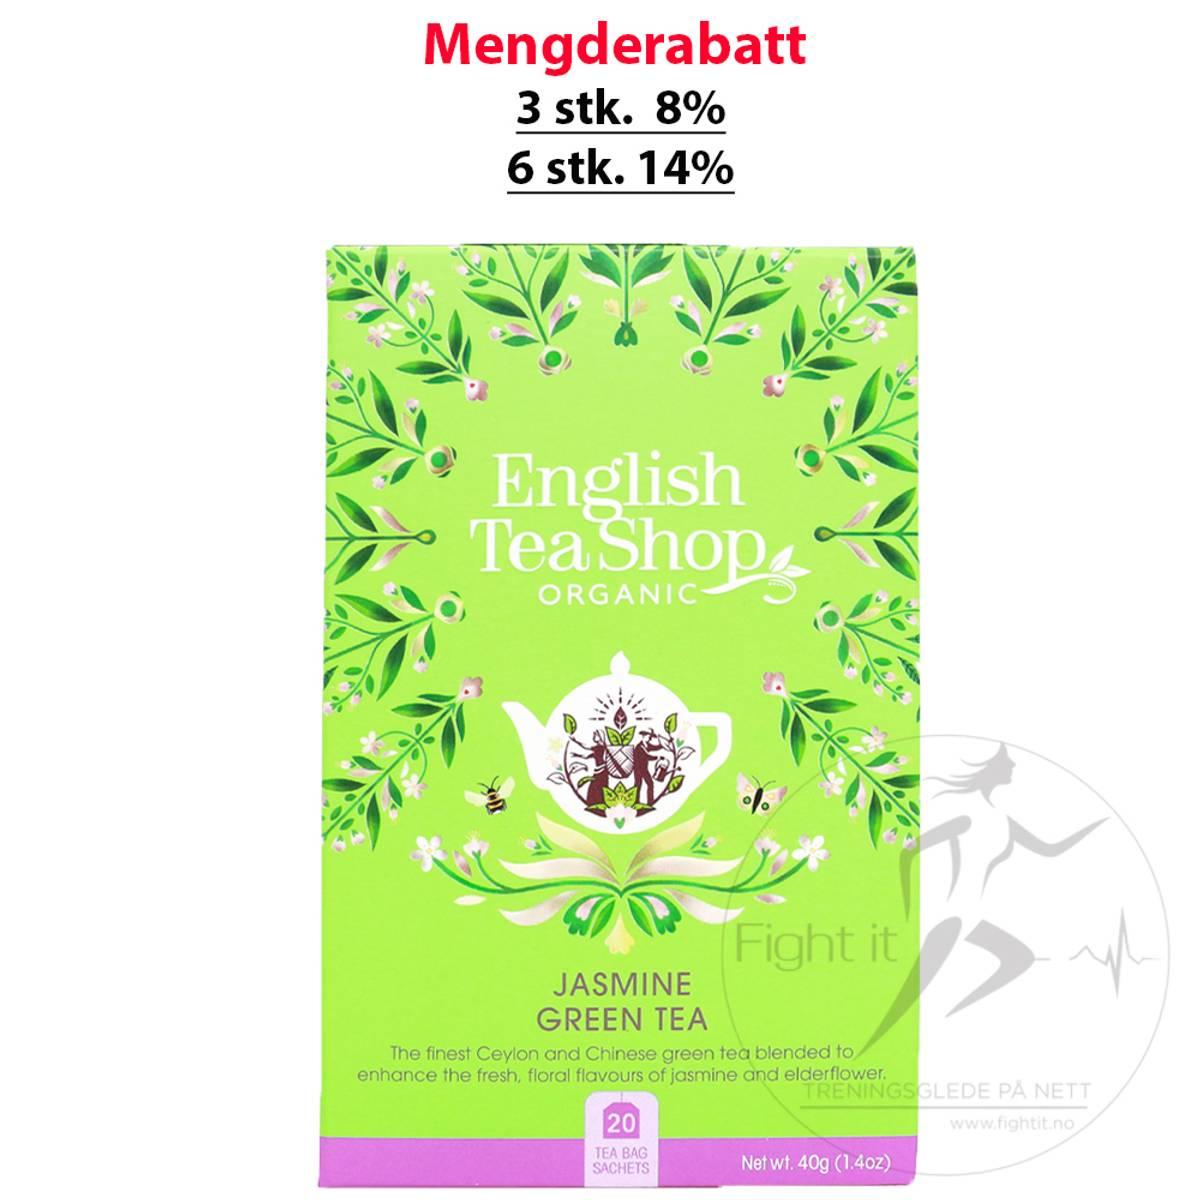 English Tea Shop - Jasmine Green Tea